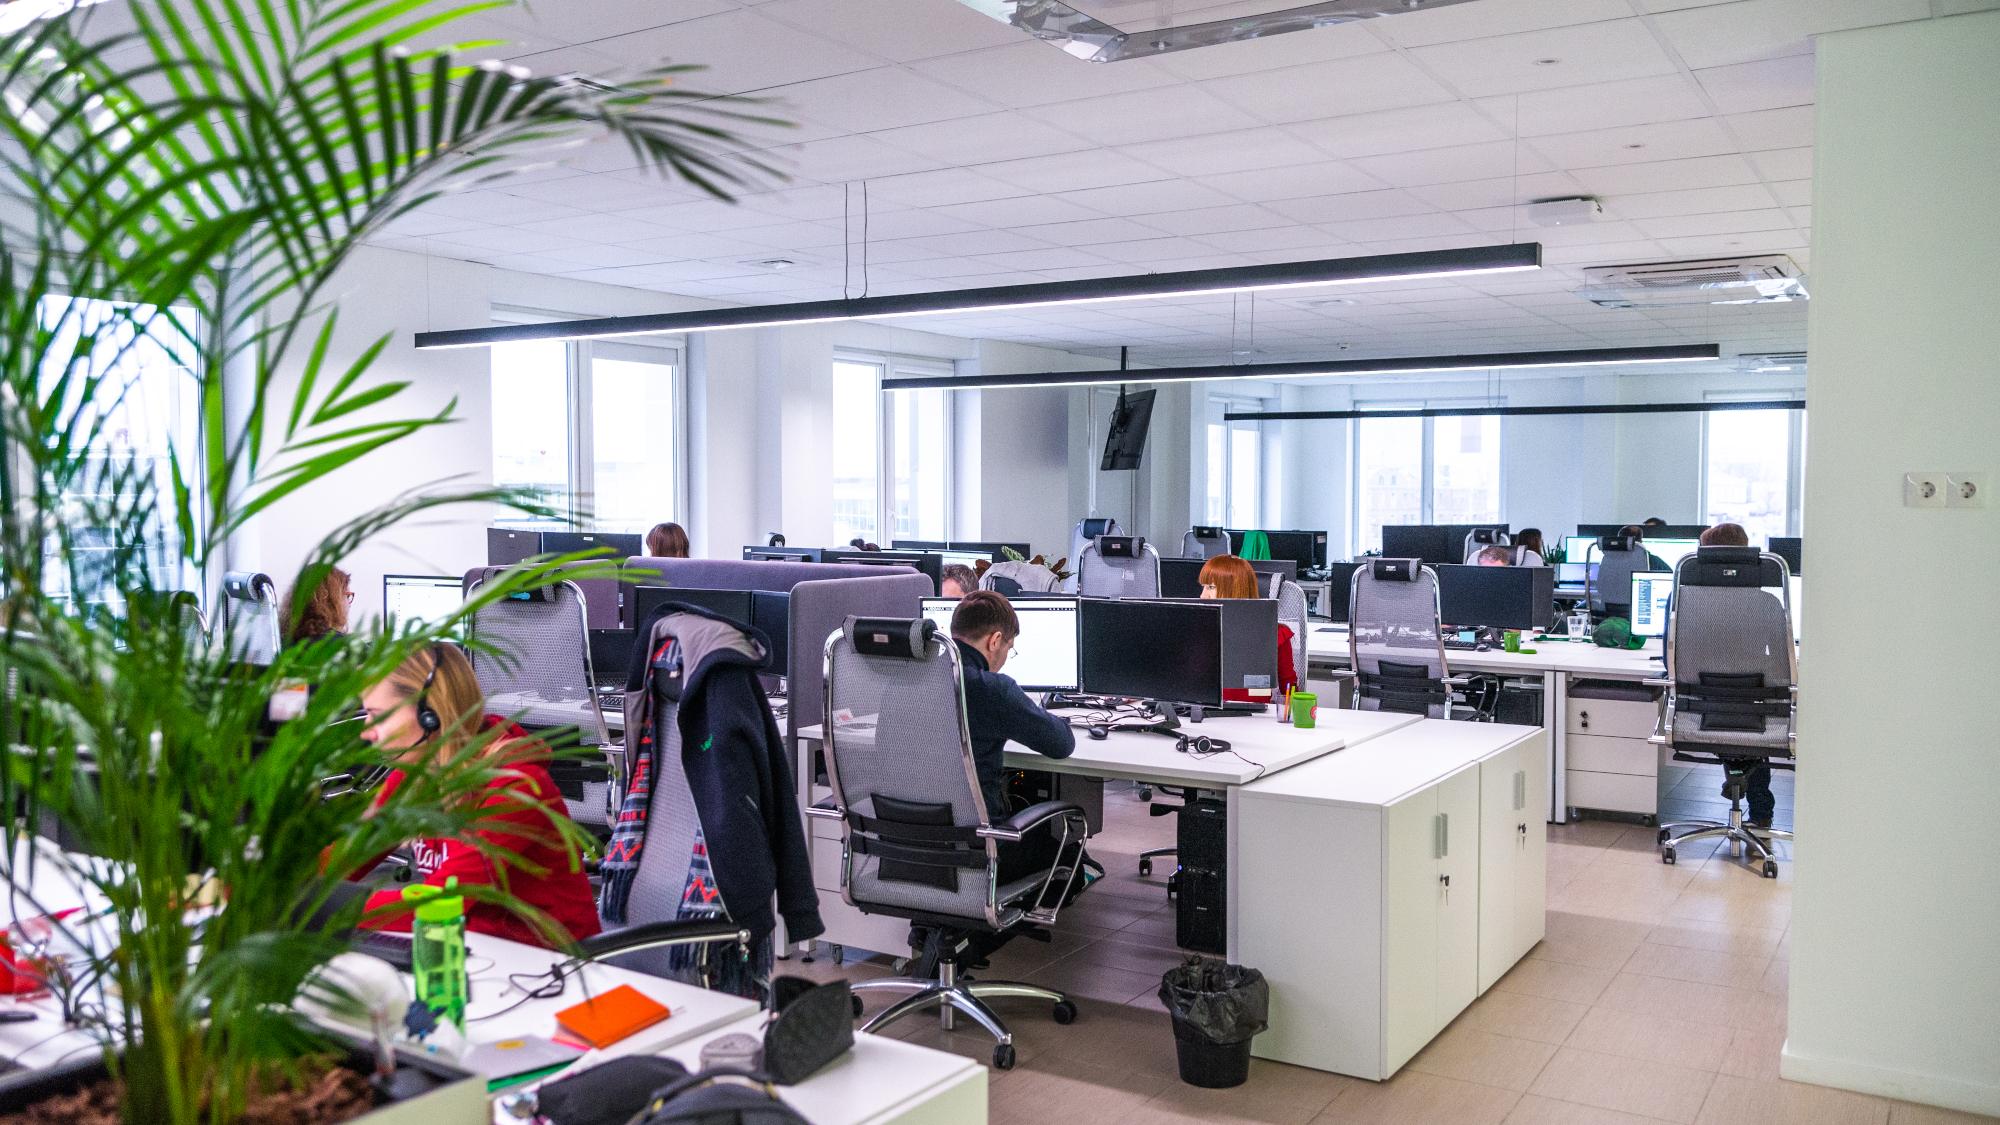 Обучение и развитие сотрудников Veeam Software: выгодные инвестиции